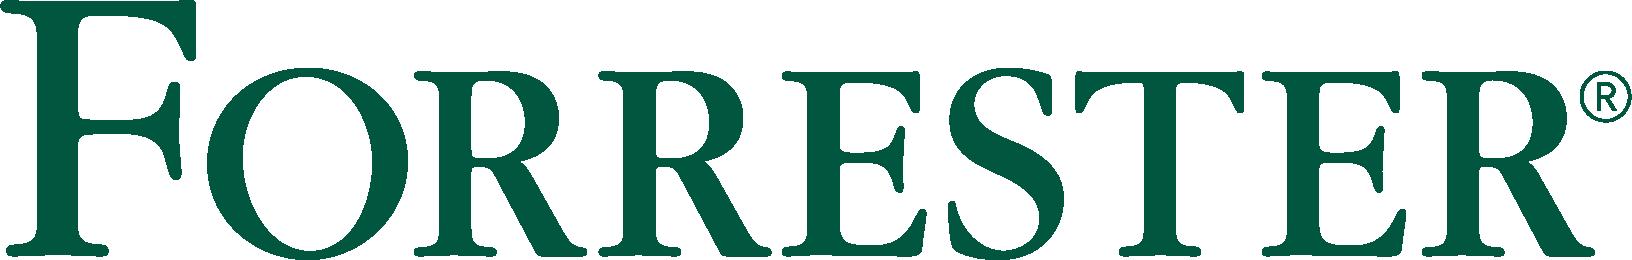 Forrester 로고